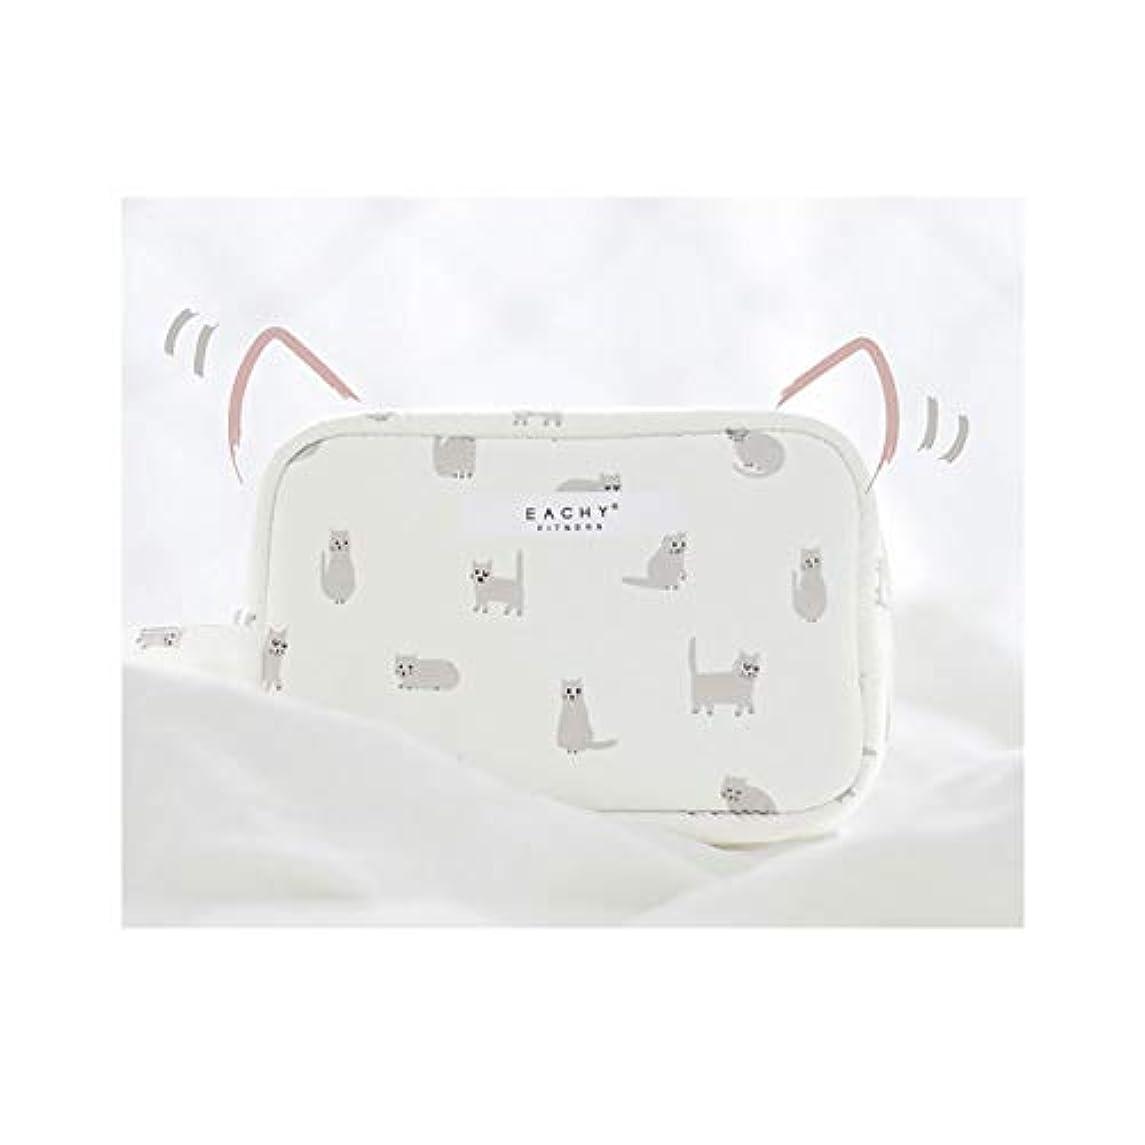 非常に検索エンジン最適化口述するNEOVIVA 化粧ポーチ コスメポーチ メイク収納バッグ かわいい 軽量 防水 旅行小物ポーチ 猫 ホワイト S